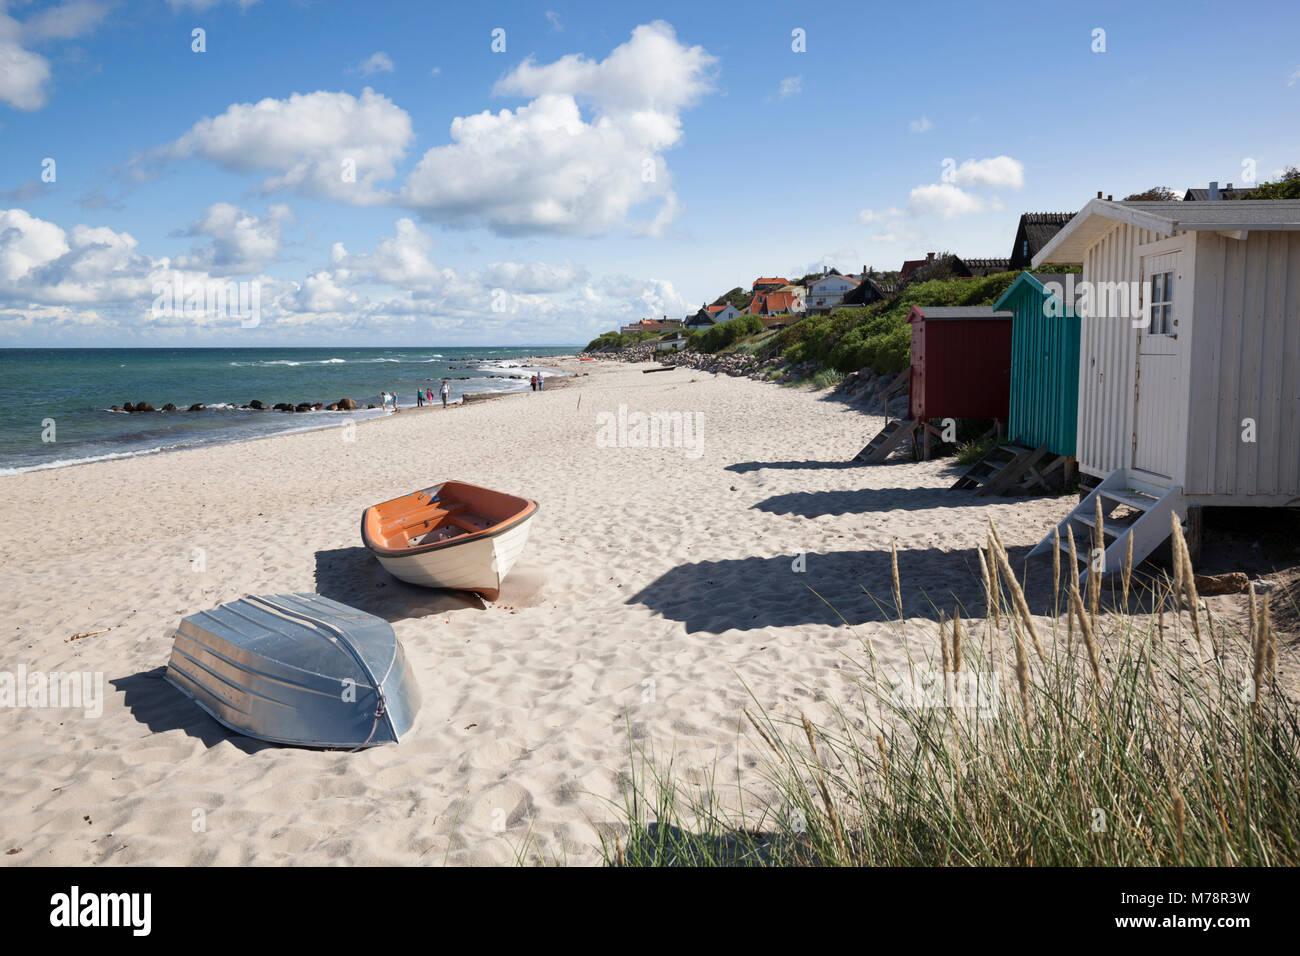 Boote und Strandhütten auf weißen Sandstrand mit Stadt hinter, Tisvilde, Kattegat Coast, Neuseeland, Dänemark, Stockbild